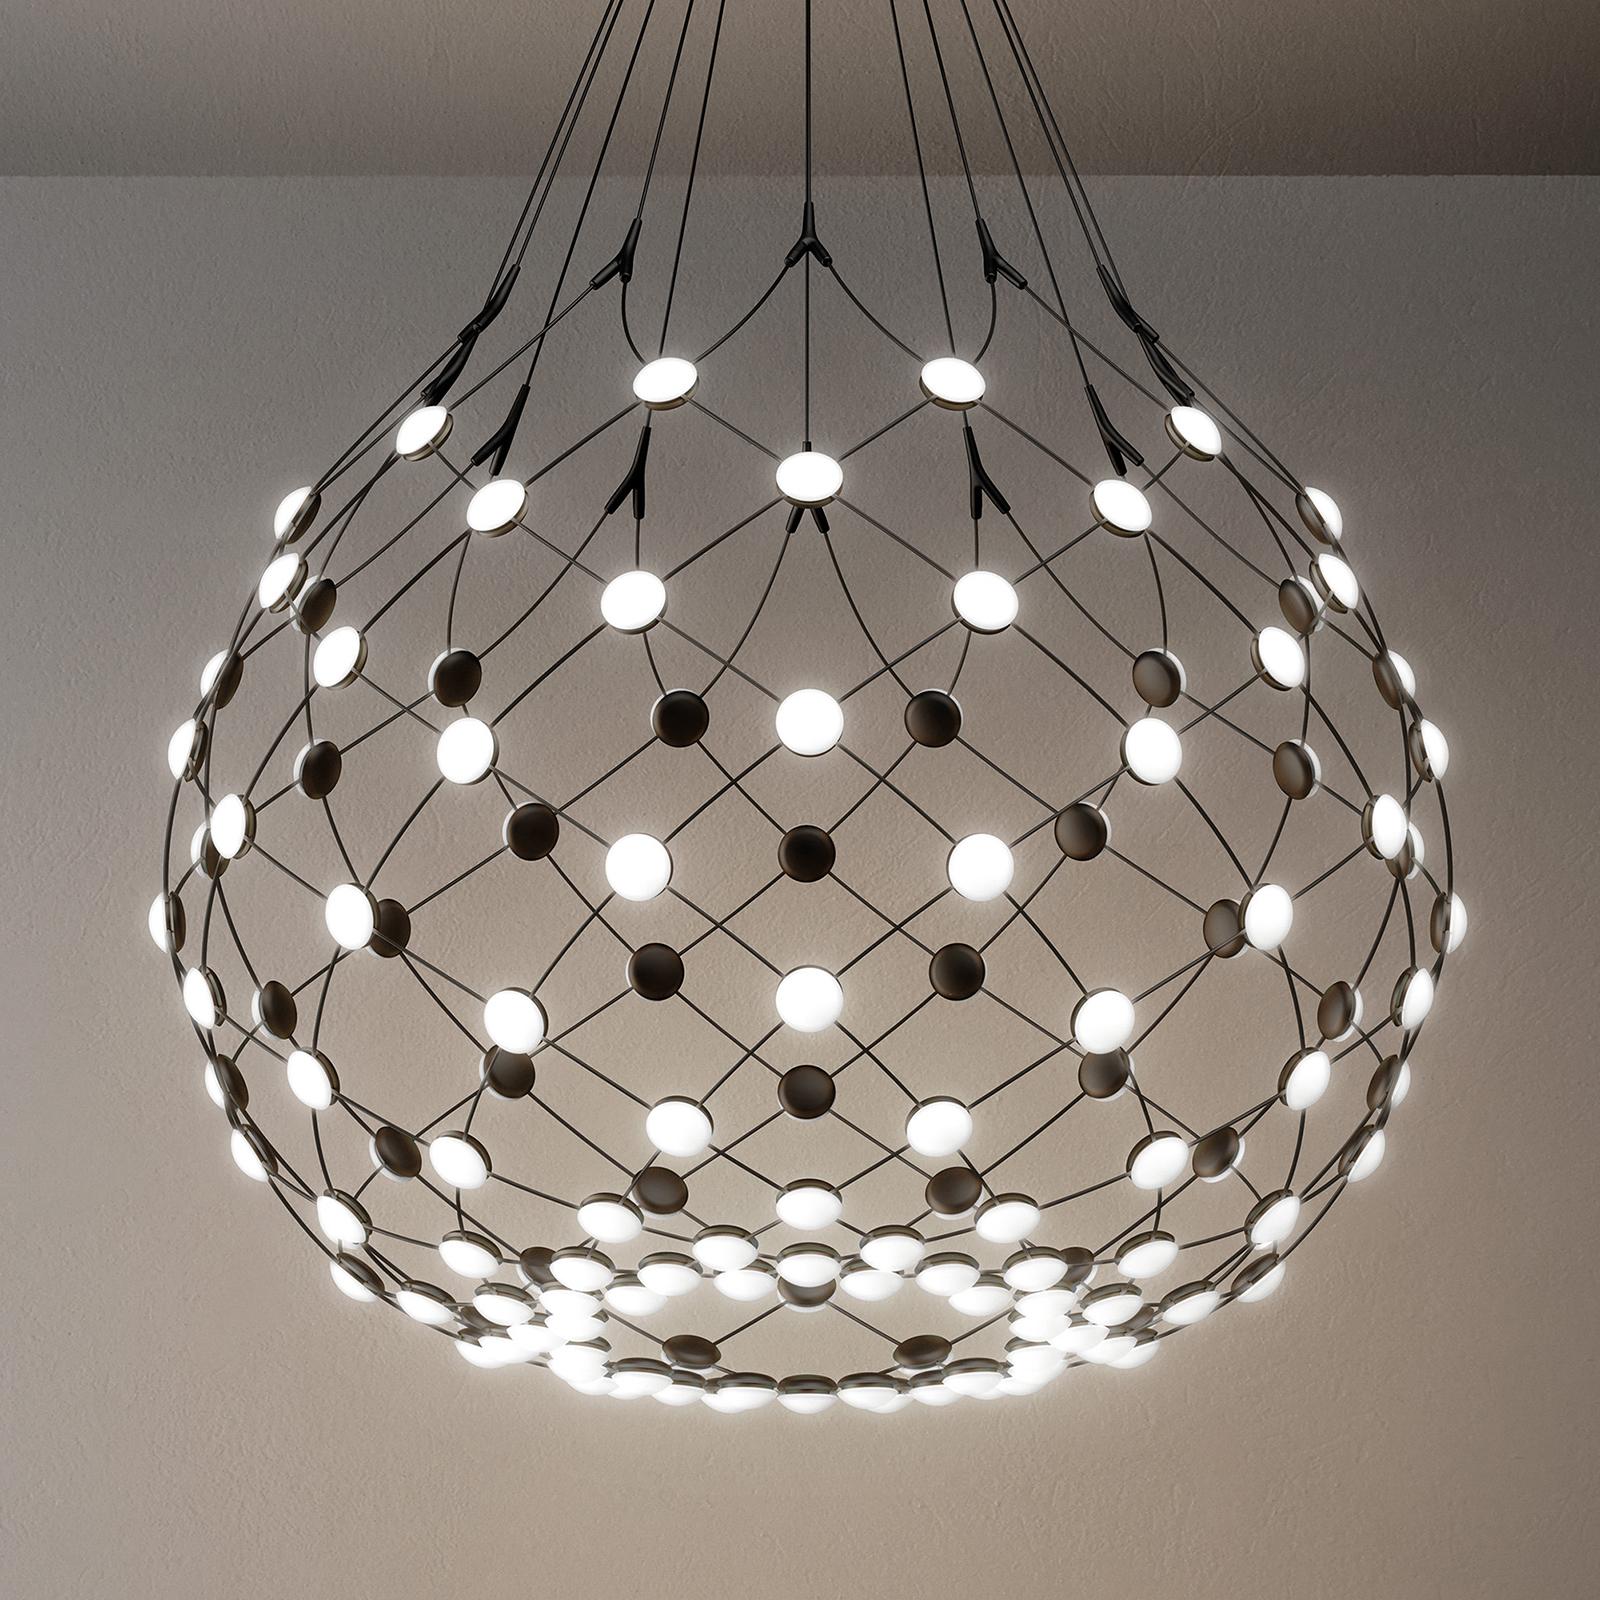 Luceplan Mesh lampa wisząca Ø 80cm zawieszenie 2m